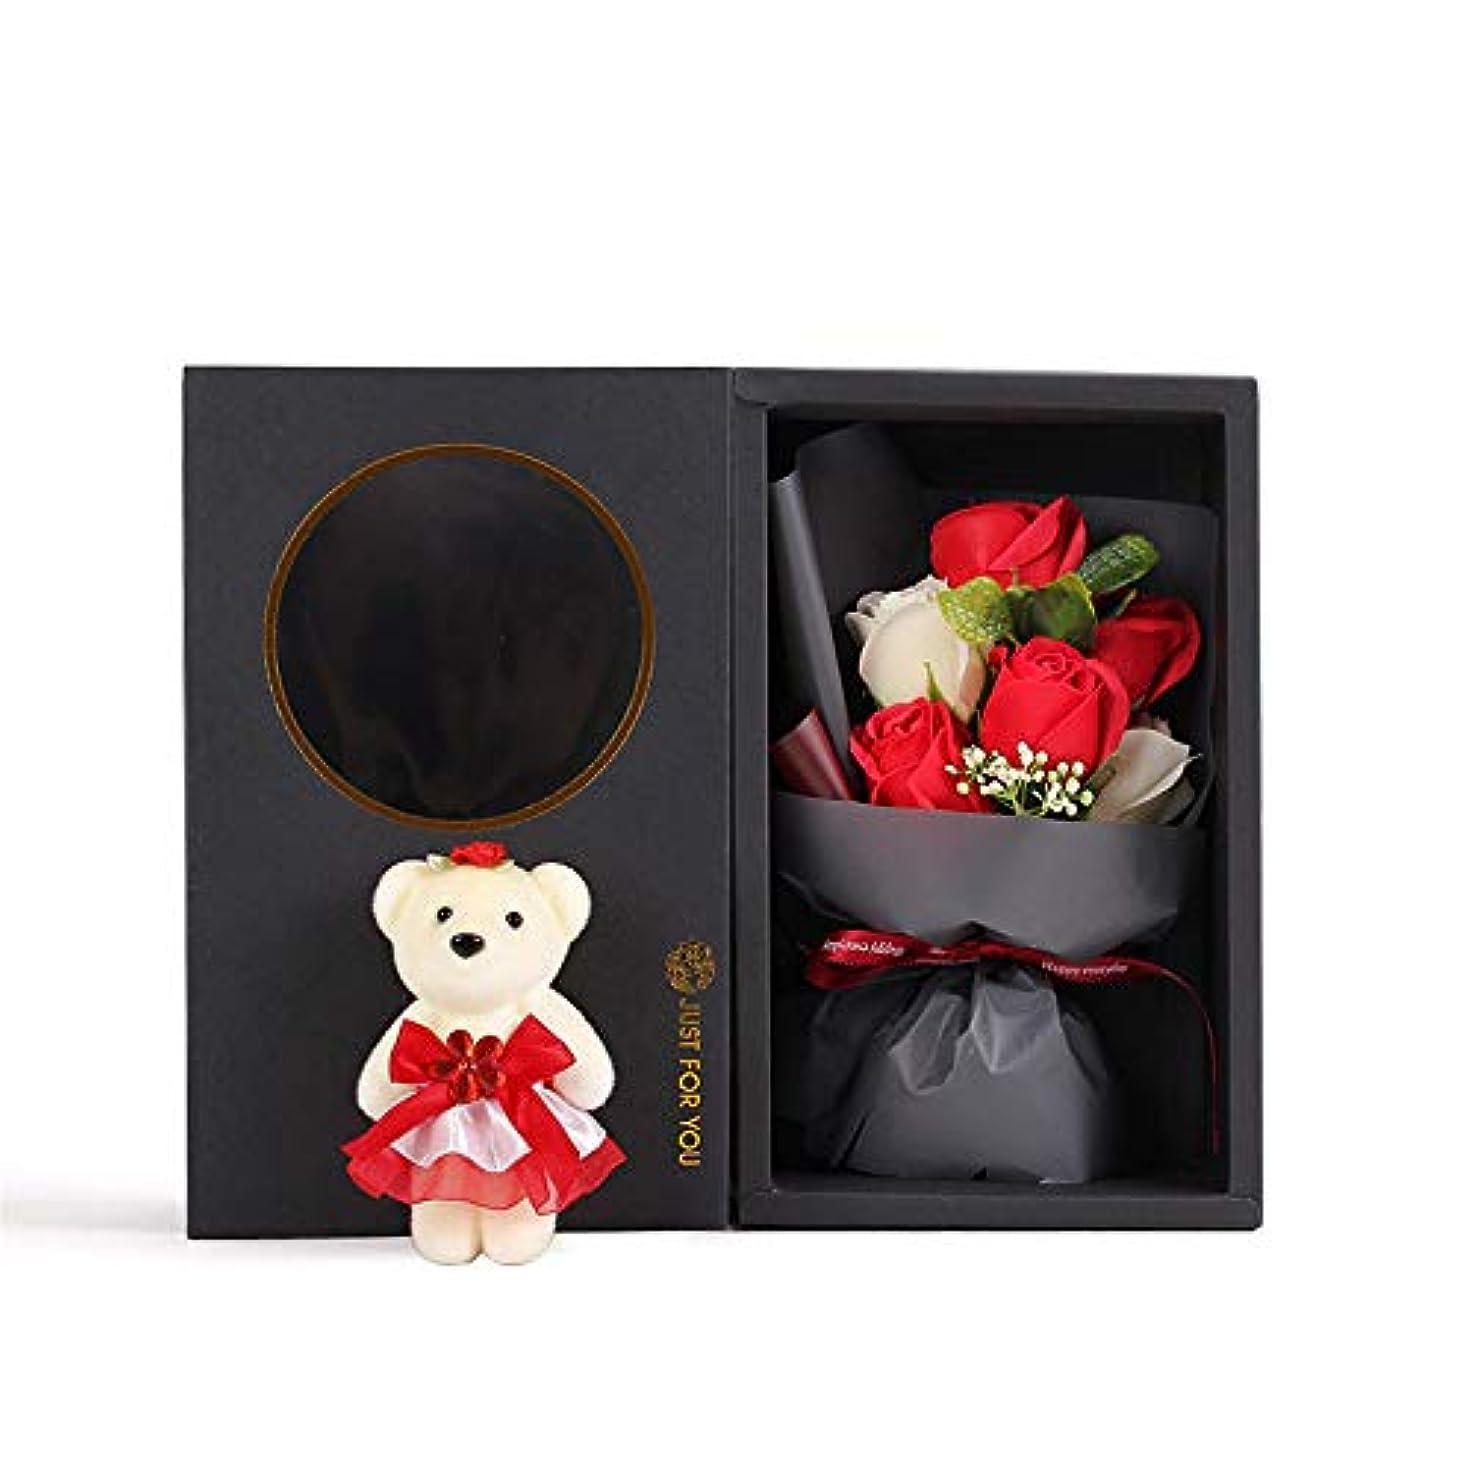 打たれたトラックサイクロプス絶え間ない手作り6石鹸花の花束ギフトボックス、女性のためのギフトあなたがバレンタインデー、母の日、結婚式、クリスマス、誕生日を愛した女の子(ベアカラーランダム) (色 : 赤)